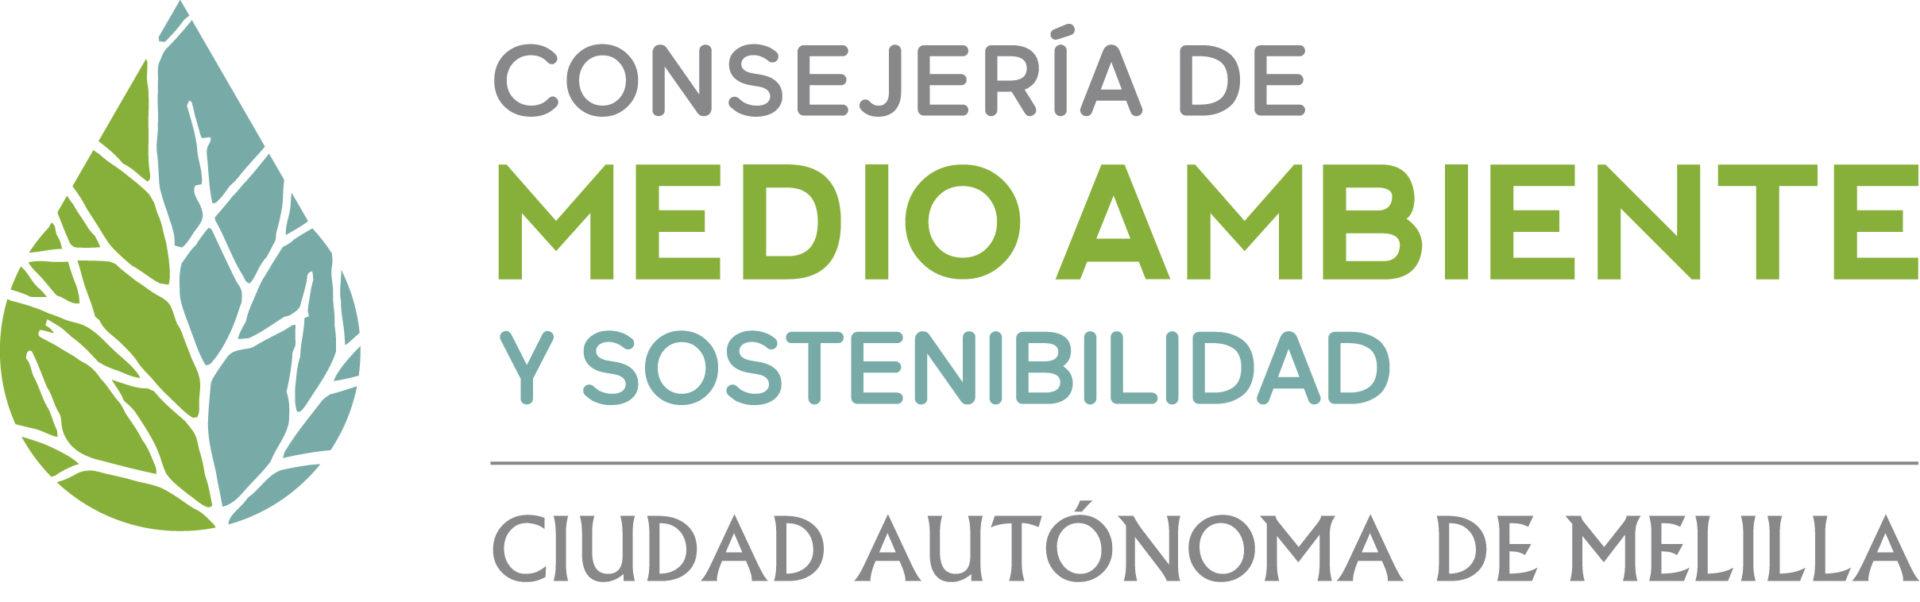 Medioambiente Melilla